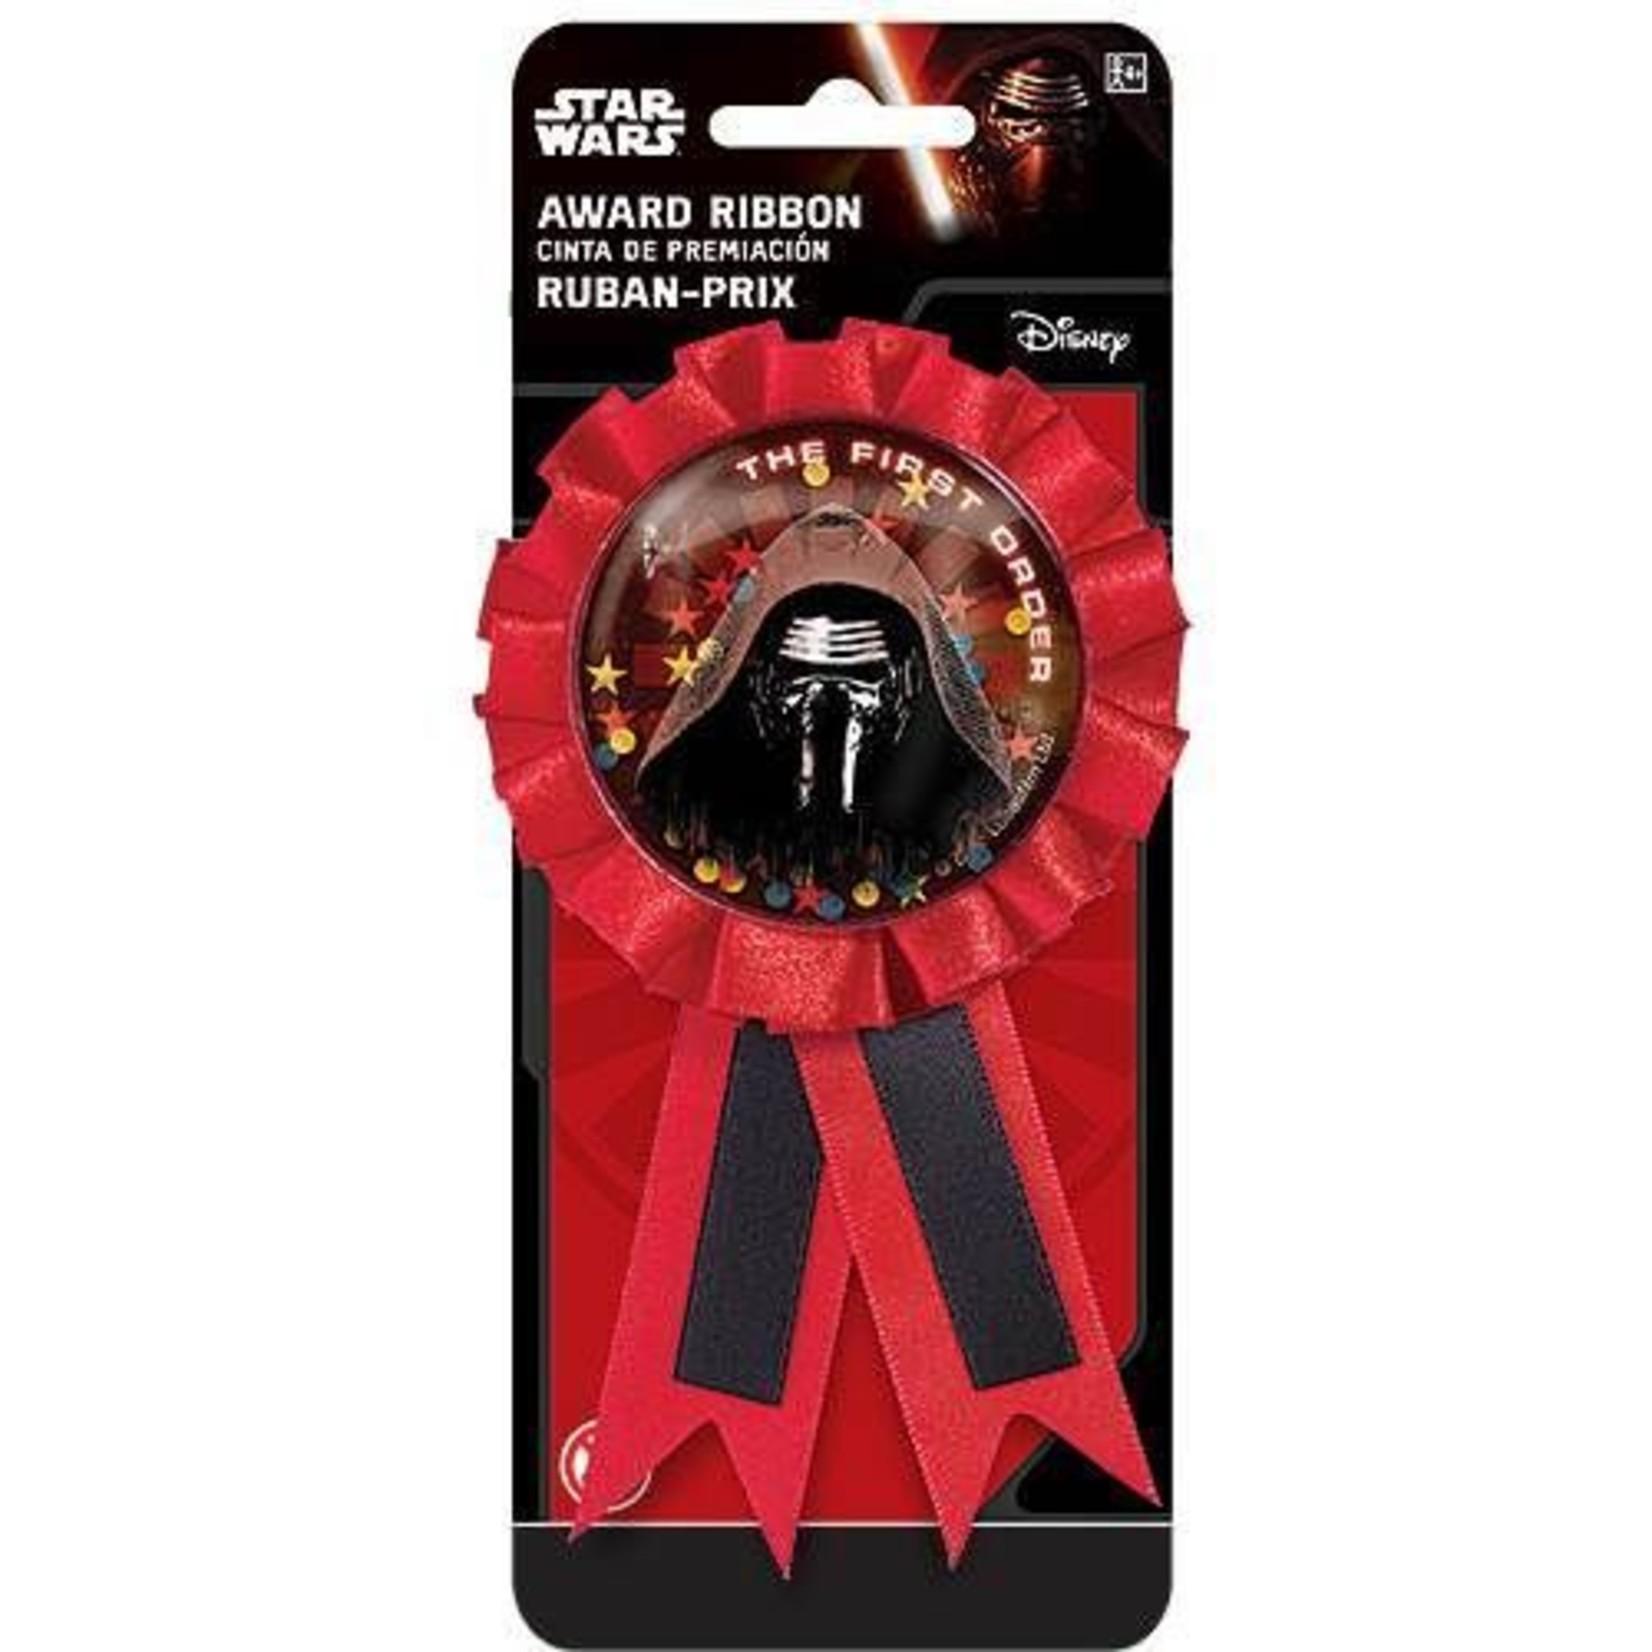 Award Ribbon-Star Wars w/Confetti